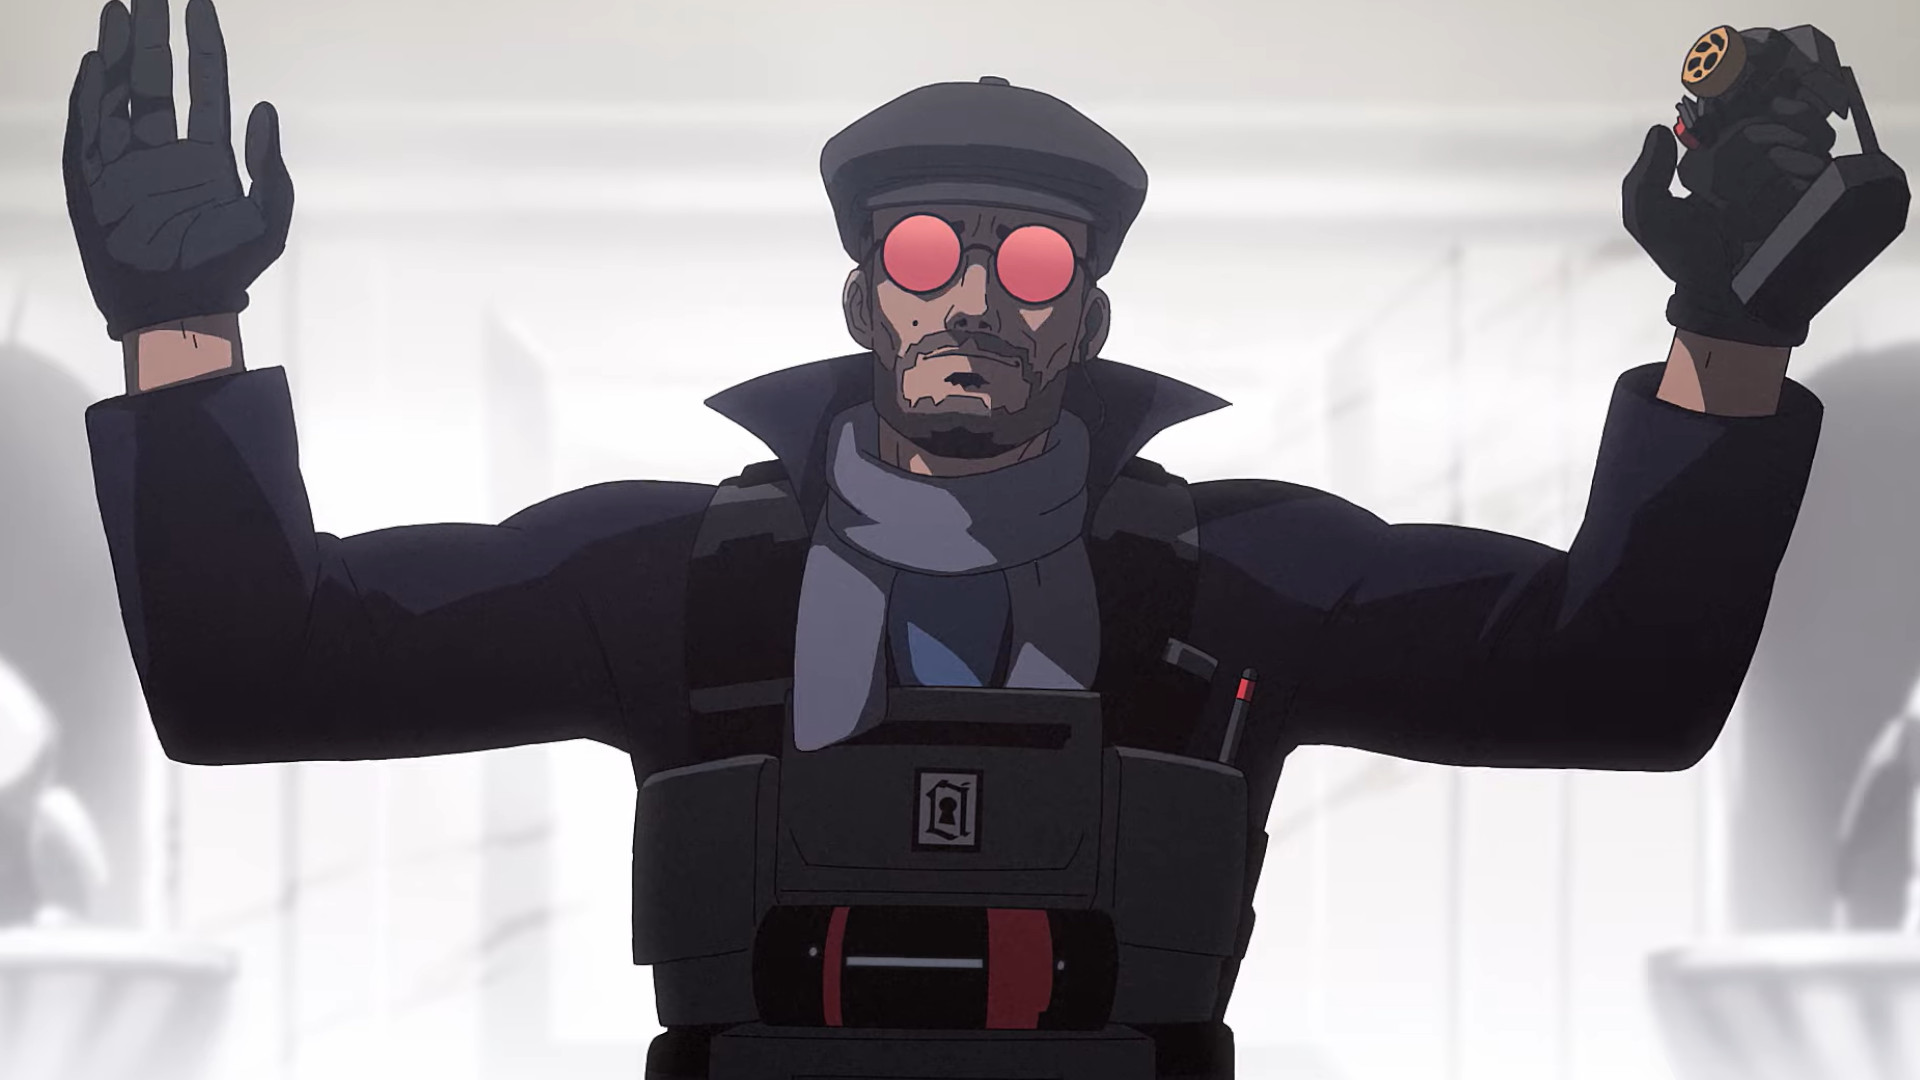 Rainbow Six Siege: Crimson Heist goes full anime